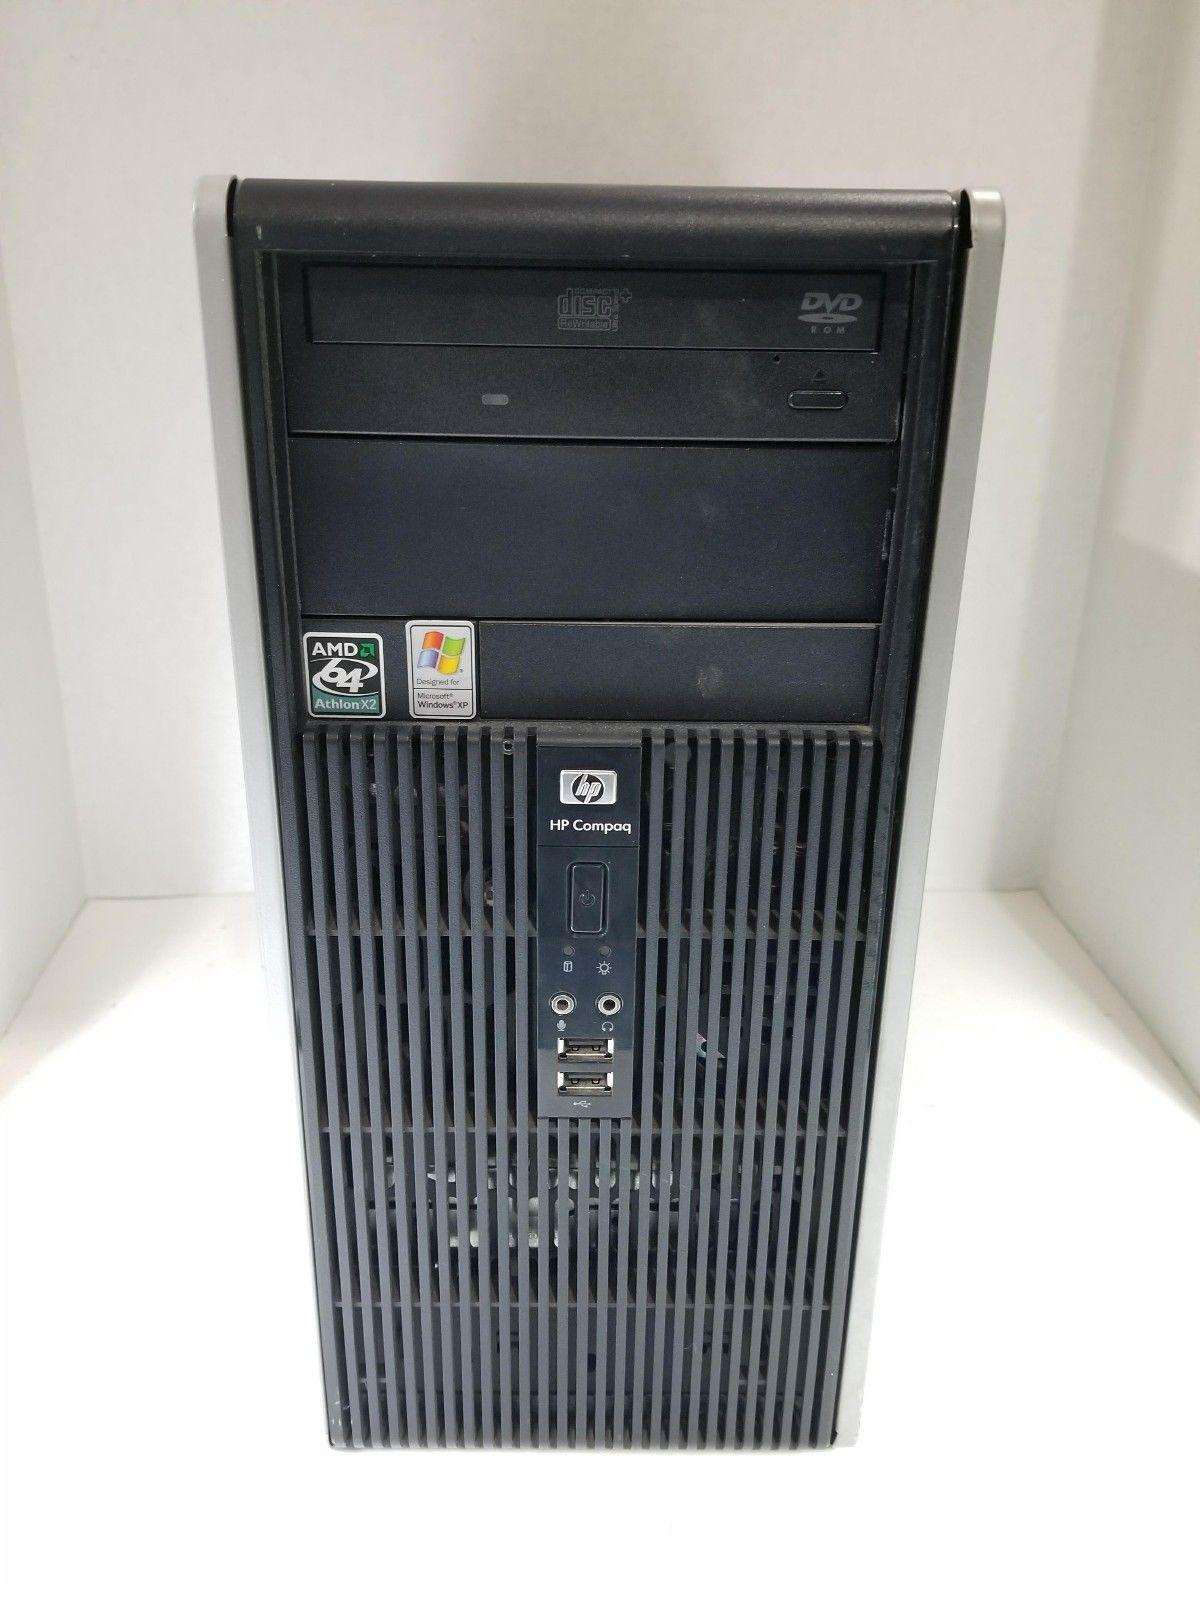 HP Compaq DC5750 | HP Wiki | FANDOM powered by Wikia